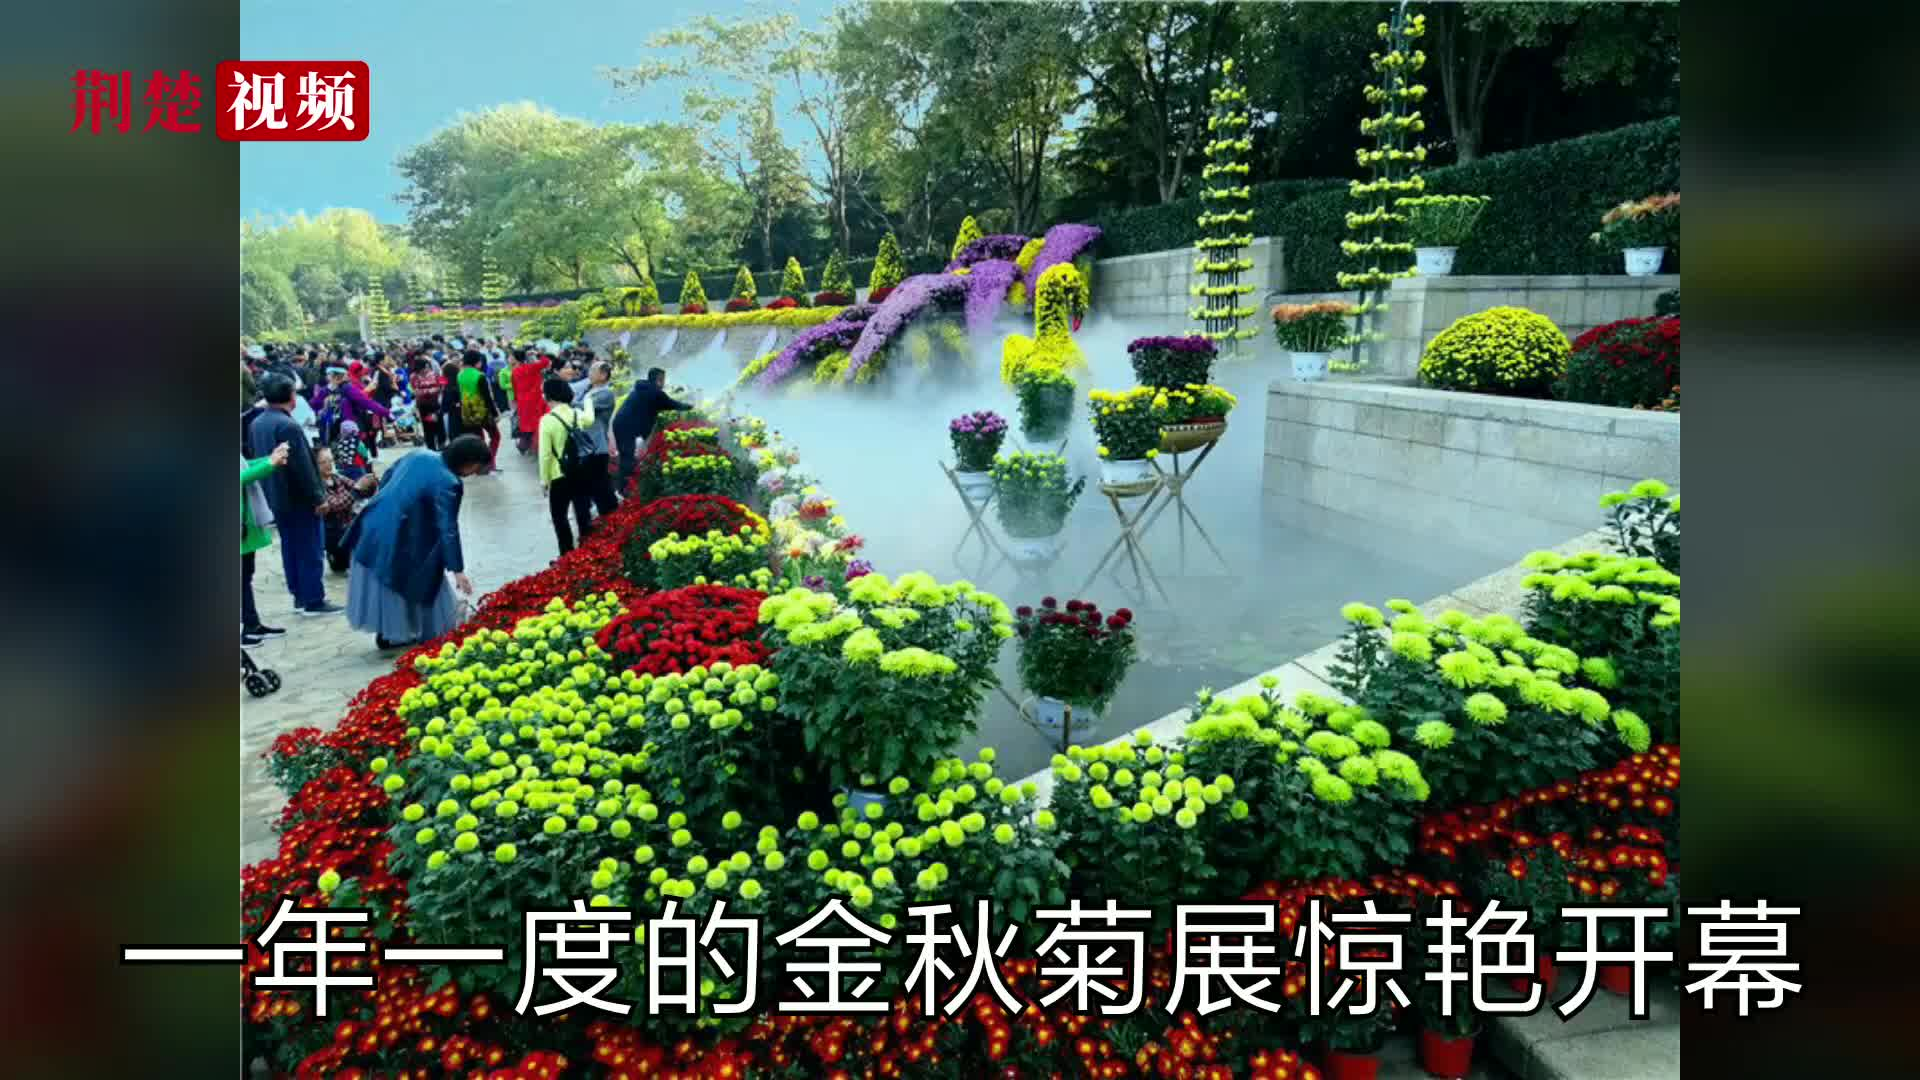 【荆楚拍客】一年一度的金秋菊展惊艳开幕